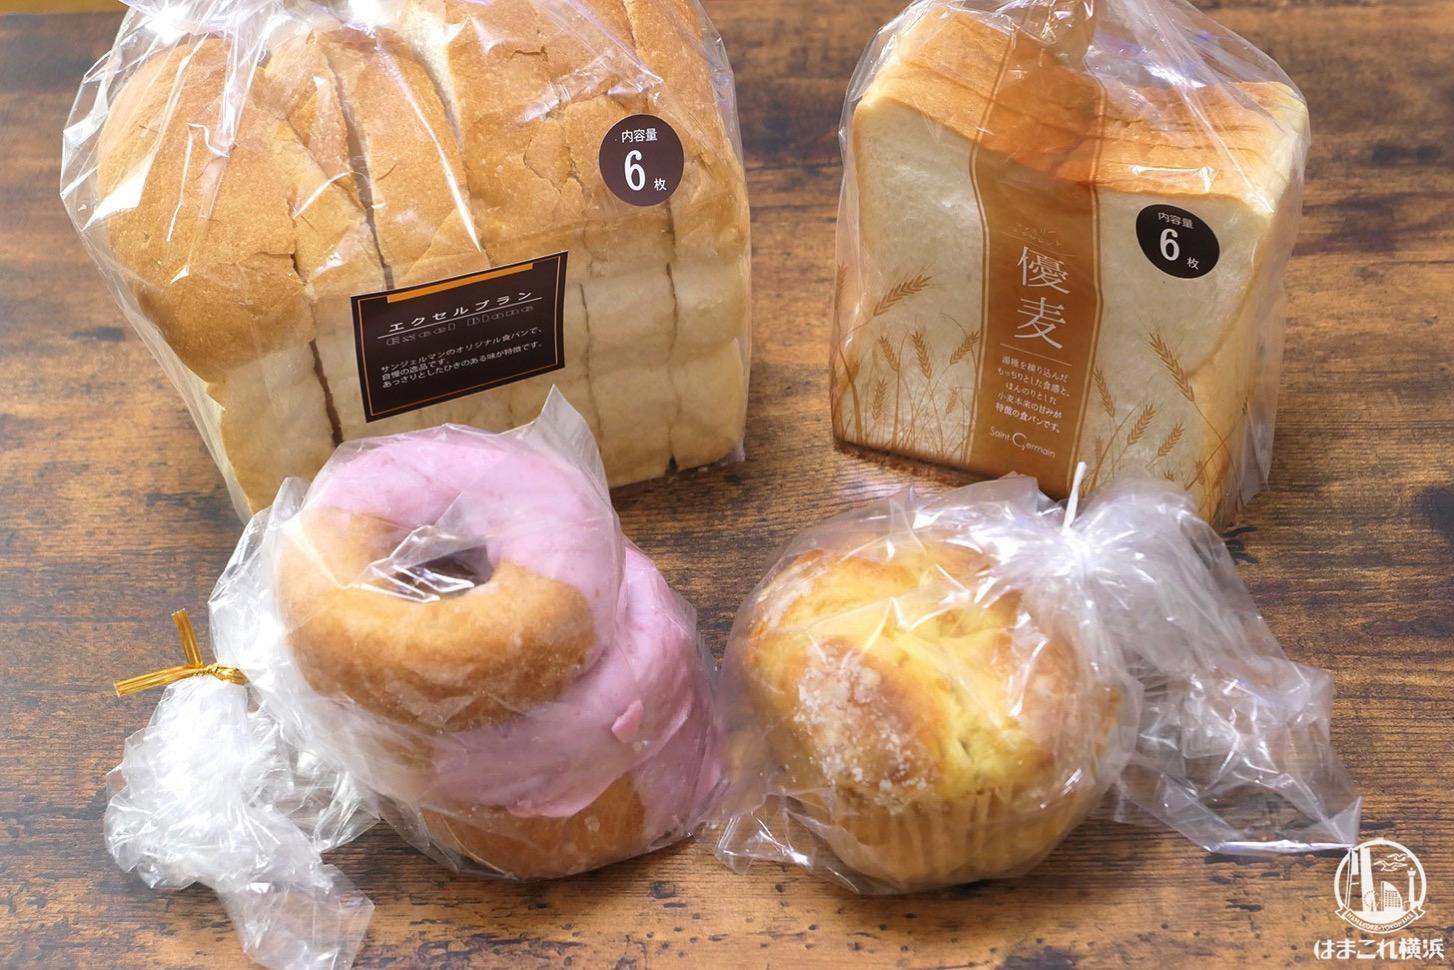 購入したアウトレットパン